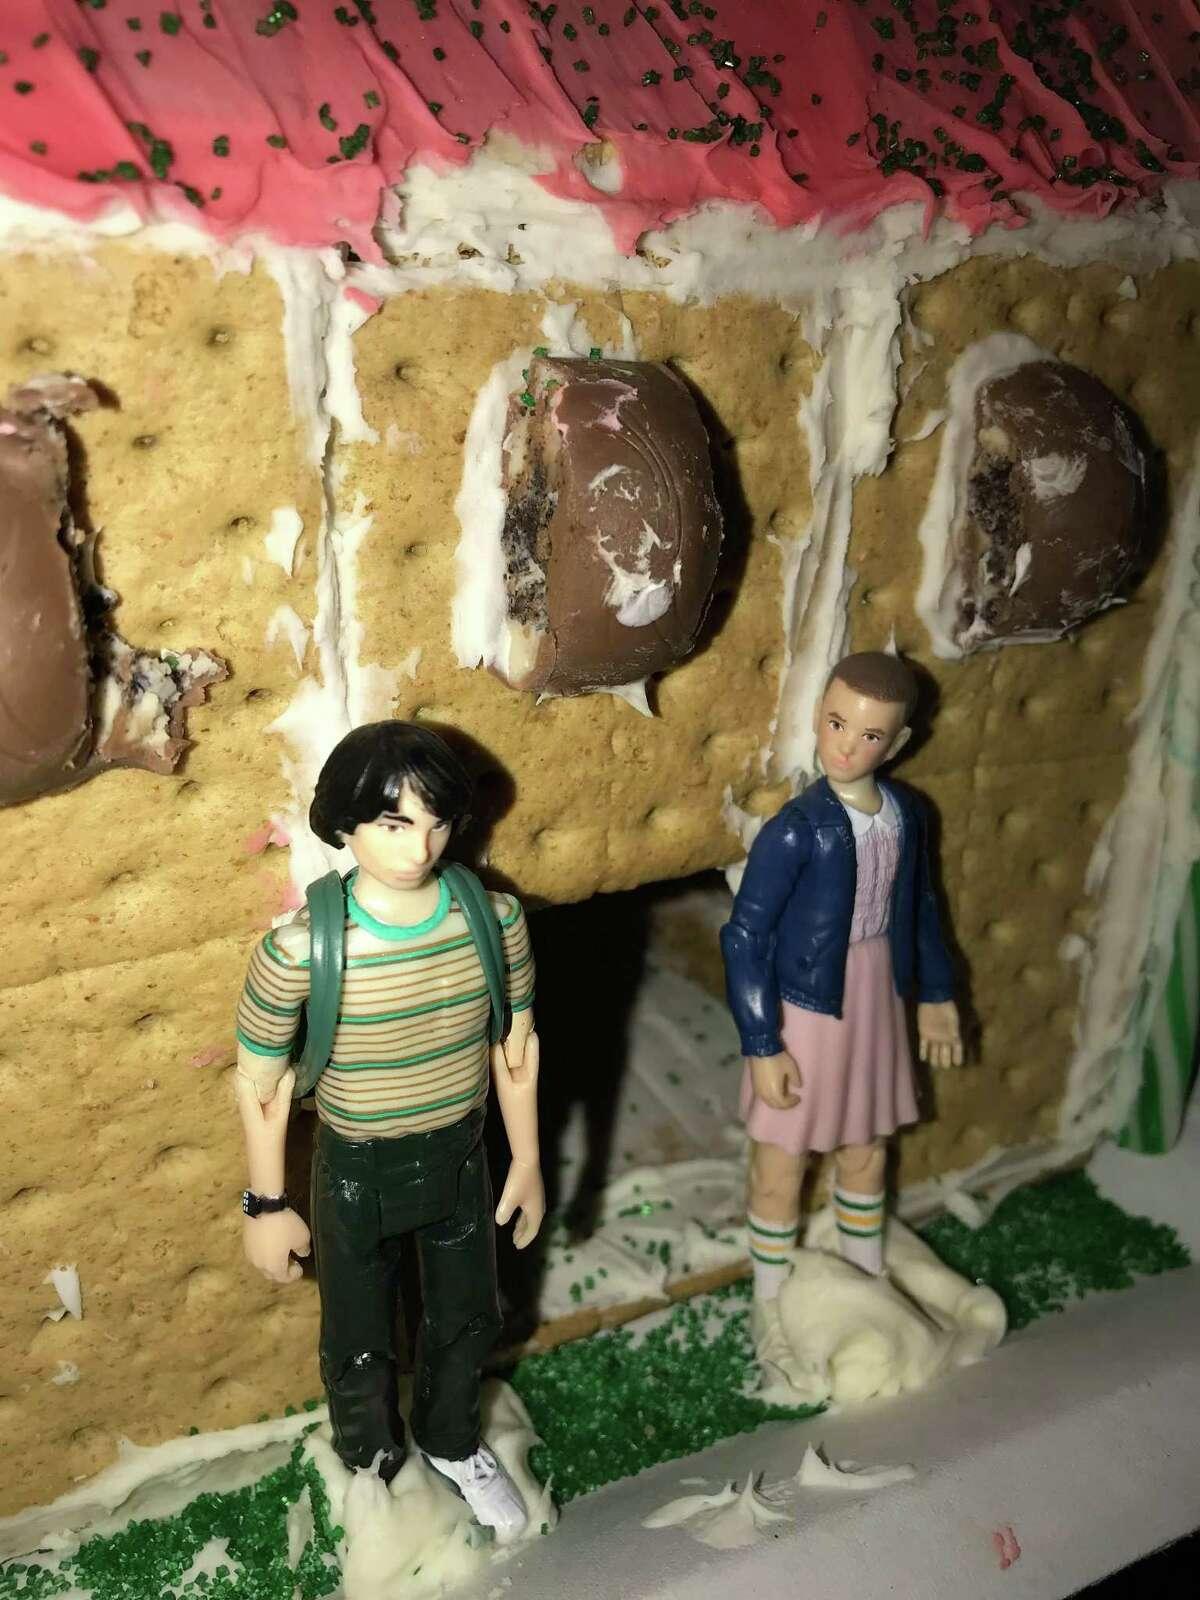 'Stranger Things' gingerbread house.